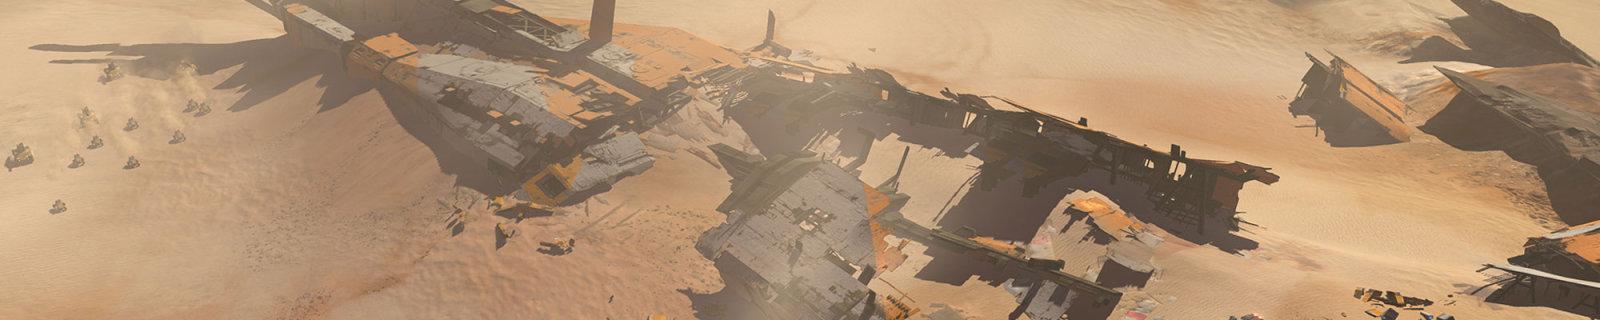 《家园:卡拉克沙漠》新预告片回到了史诗开头